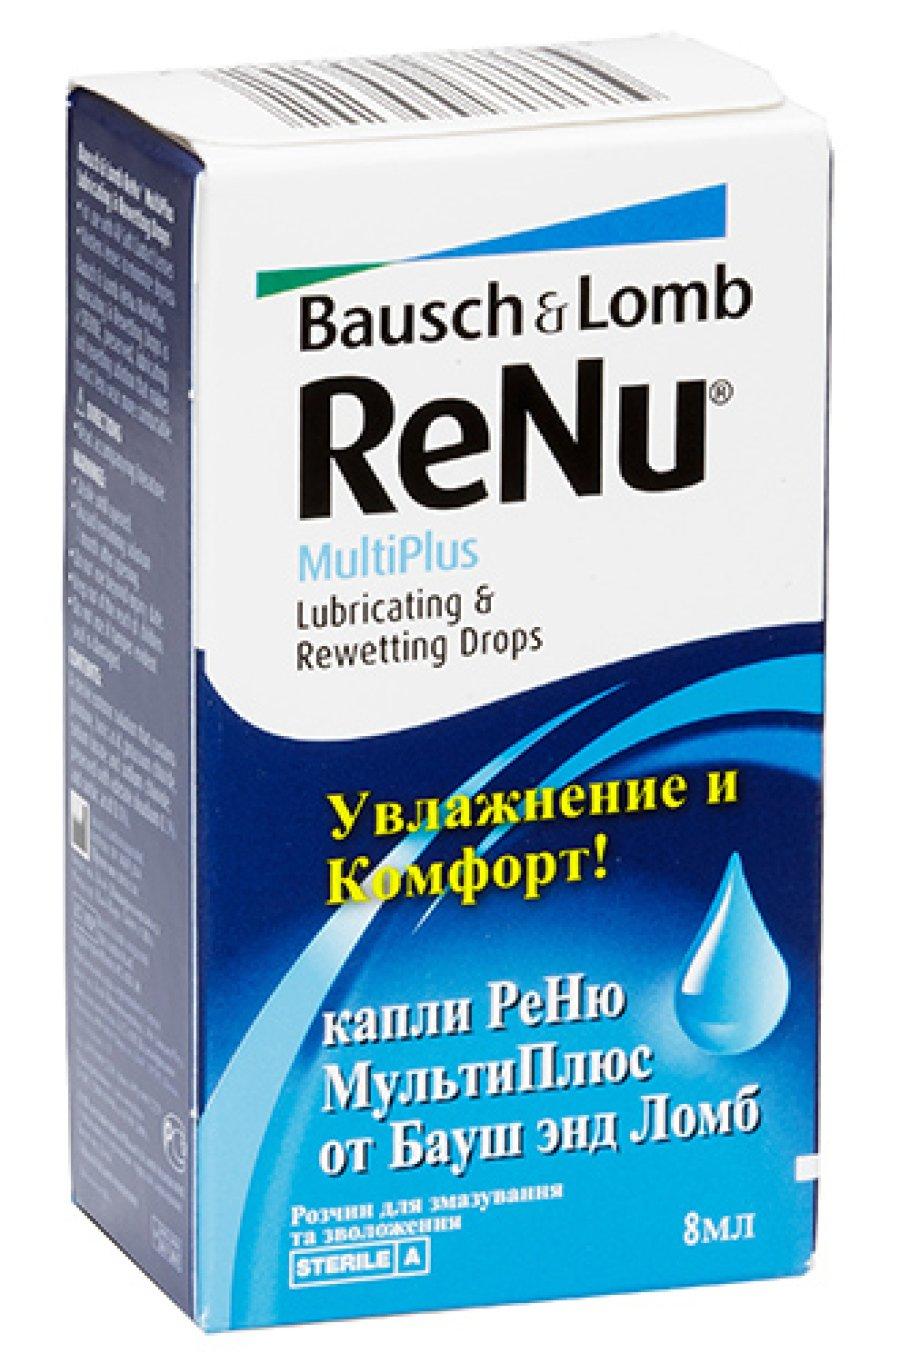 Капли для глаз Увлажняющие капли ReNu MultiPlus Фото №1 - linza.com.ua